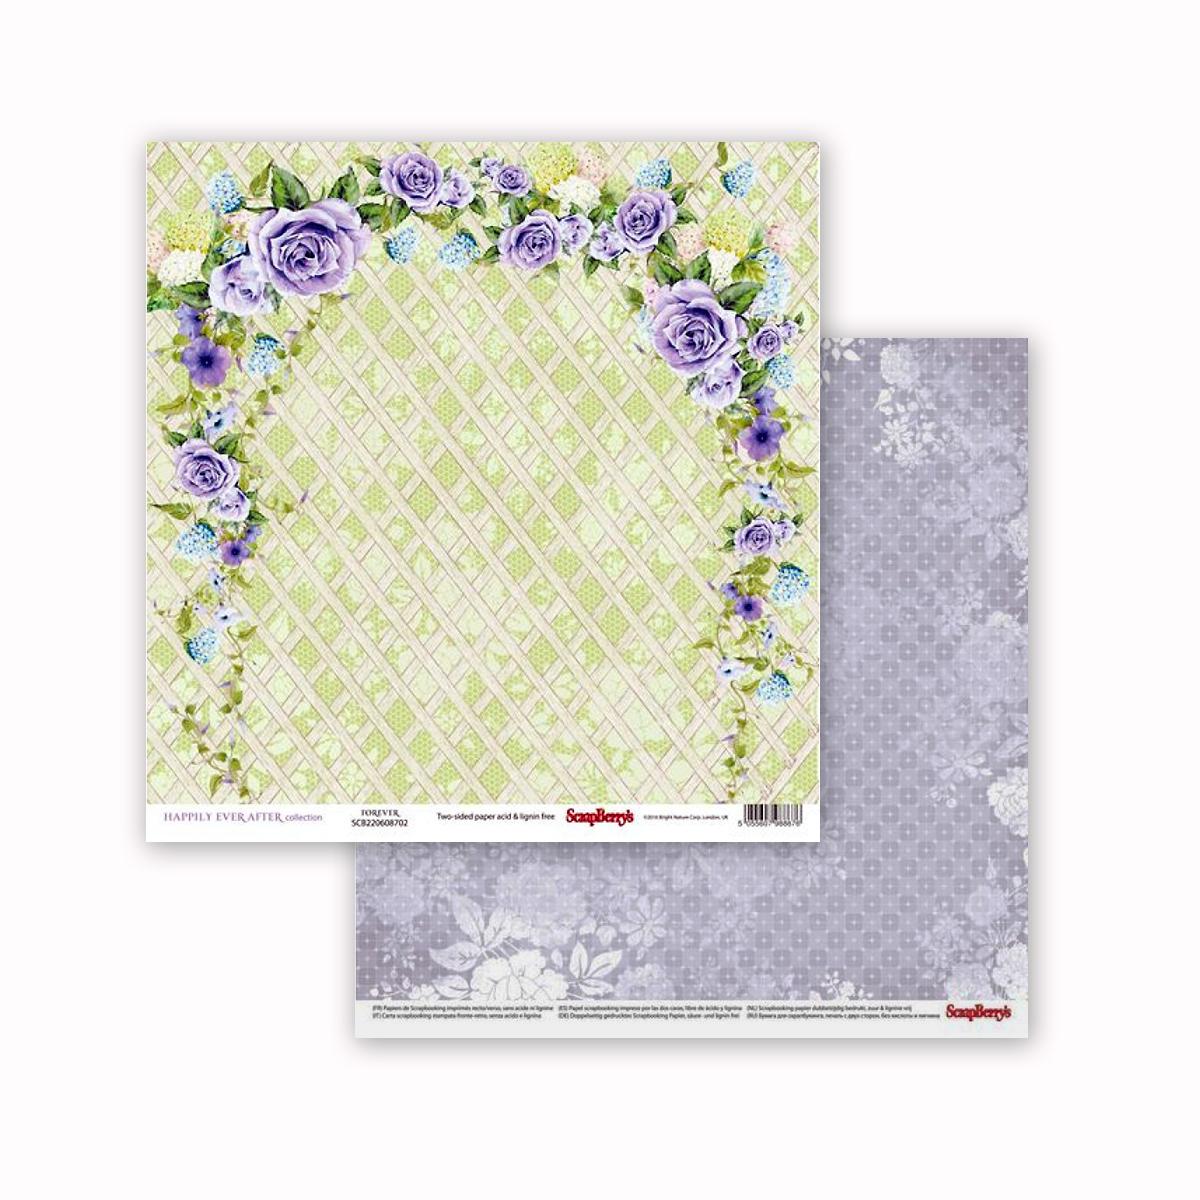 Бумага для скрапбукинга ScrapBerrys Счастливый день. Цветущий сад, двухсторонняя, 30,5 х 30,5 см, 10 листов. 497105497105